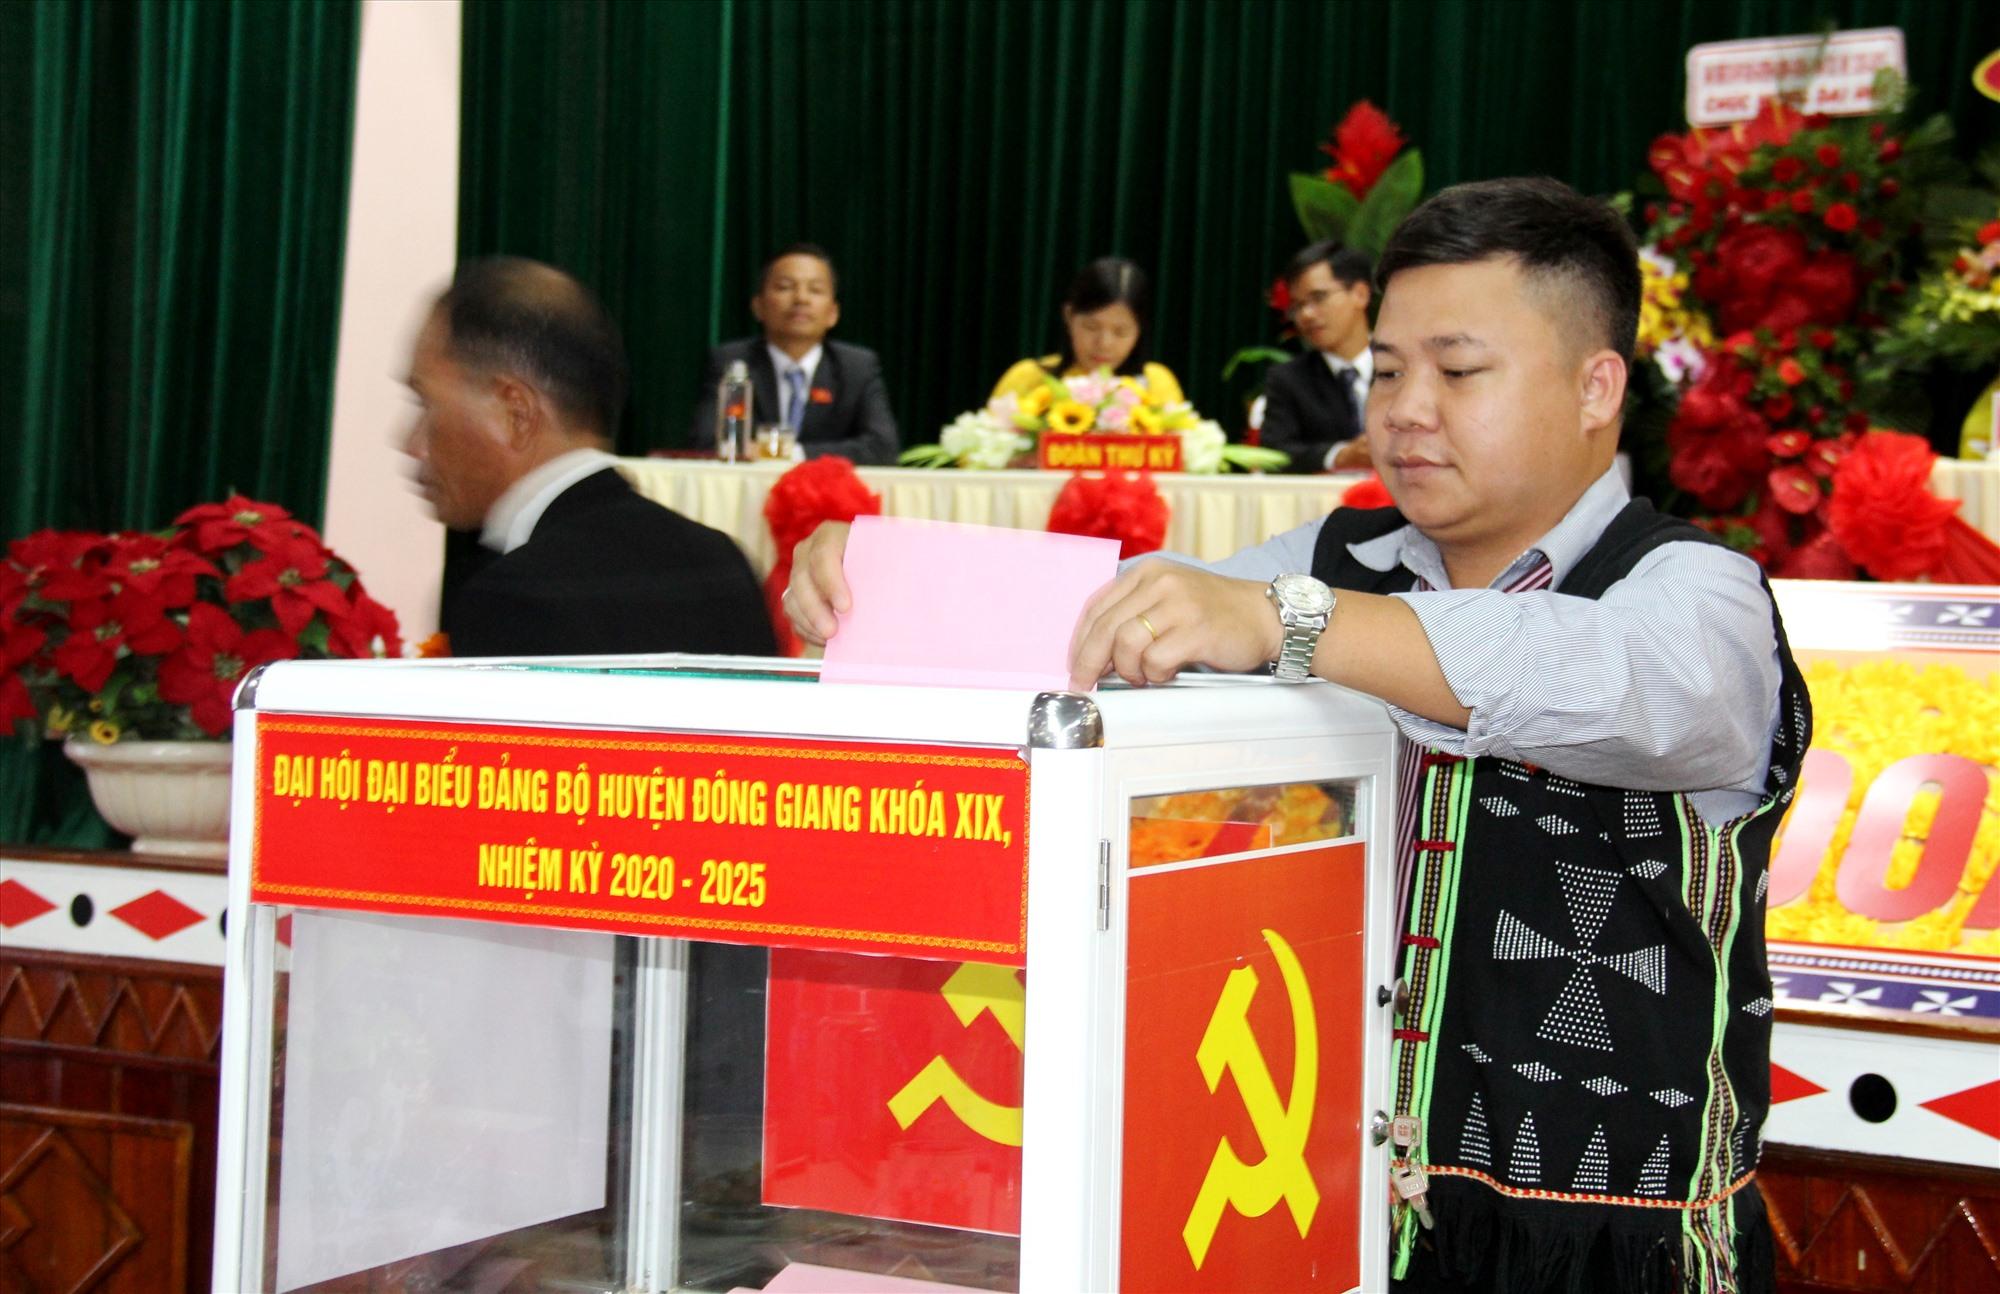 Các đại biểu bỏ phiếu bầu Ban chấp hành Đảng bộ huyện Đông Giang nhiệm kỳ 2020 - 2025. Ảnh: A.N